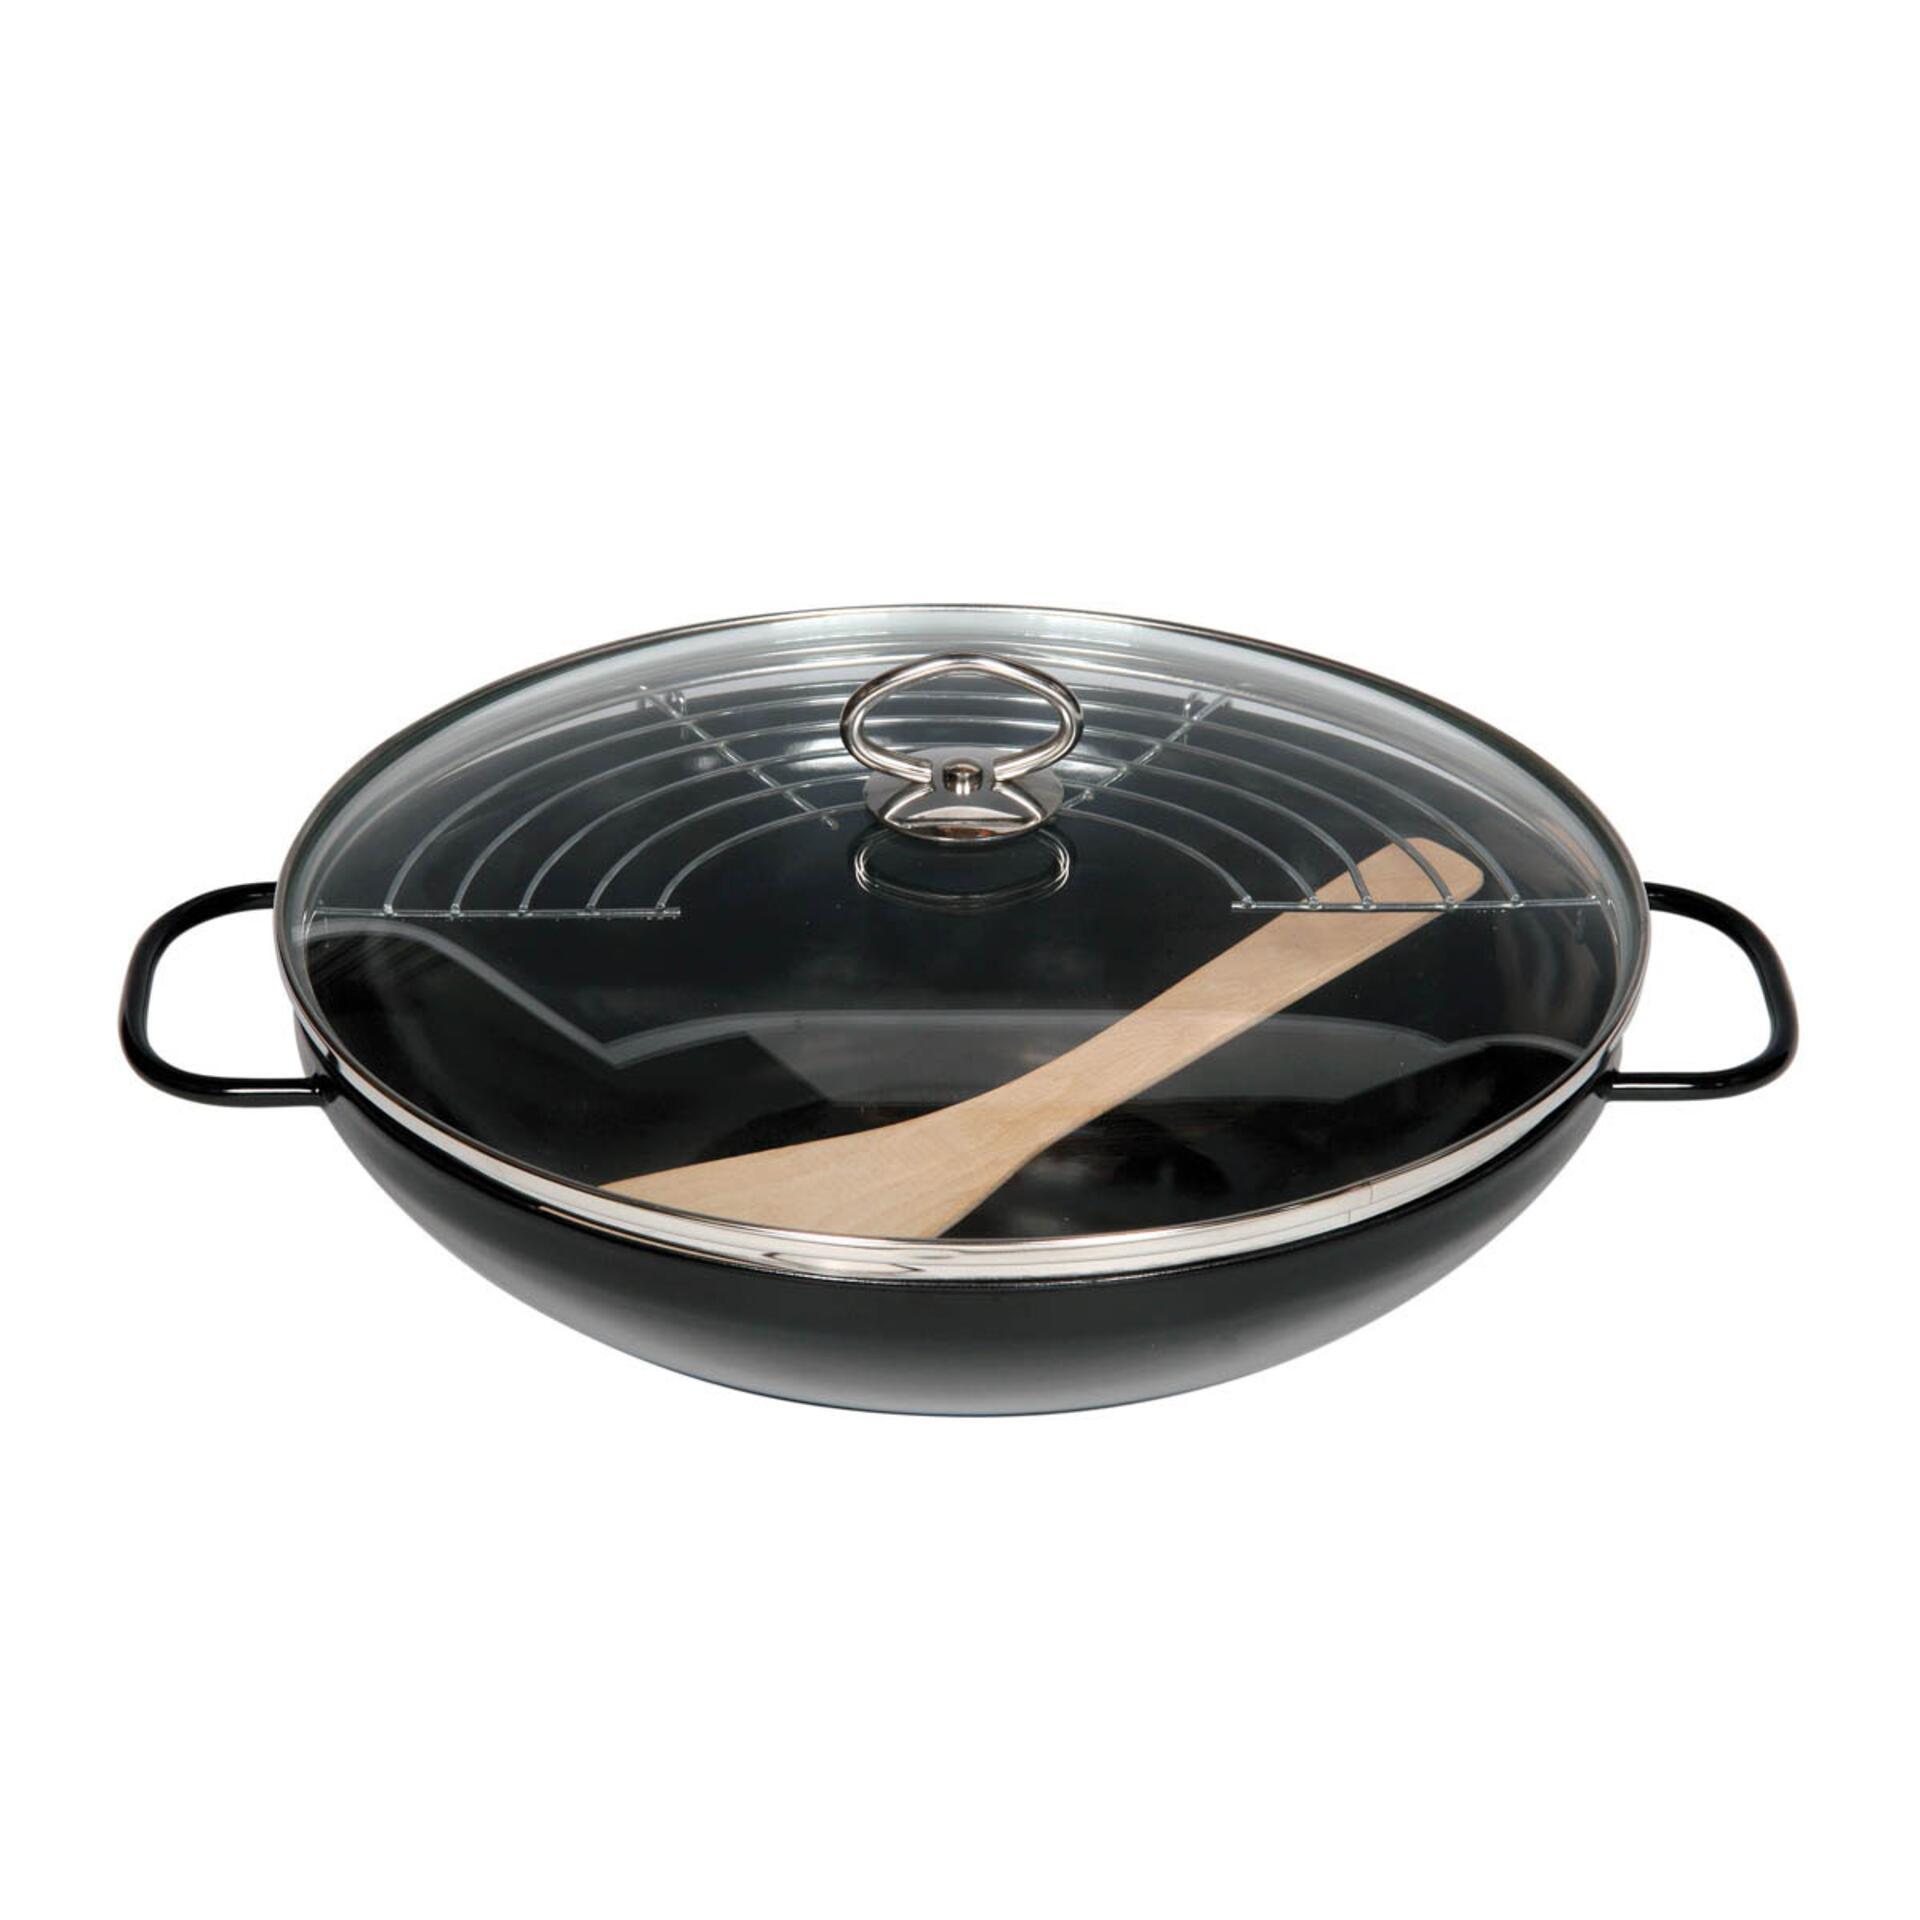 Riess Wok aus Emaille mit Stahlglasur 36 cm